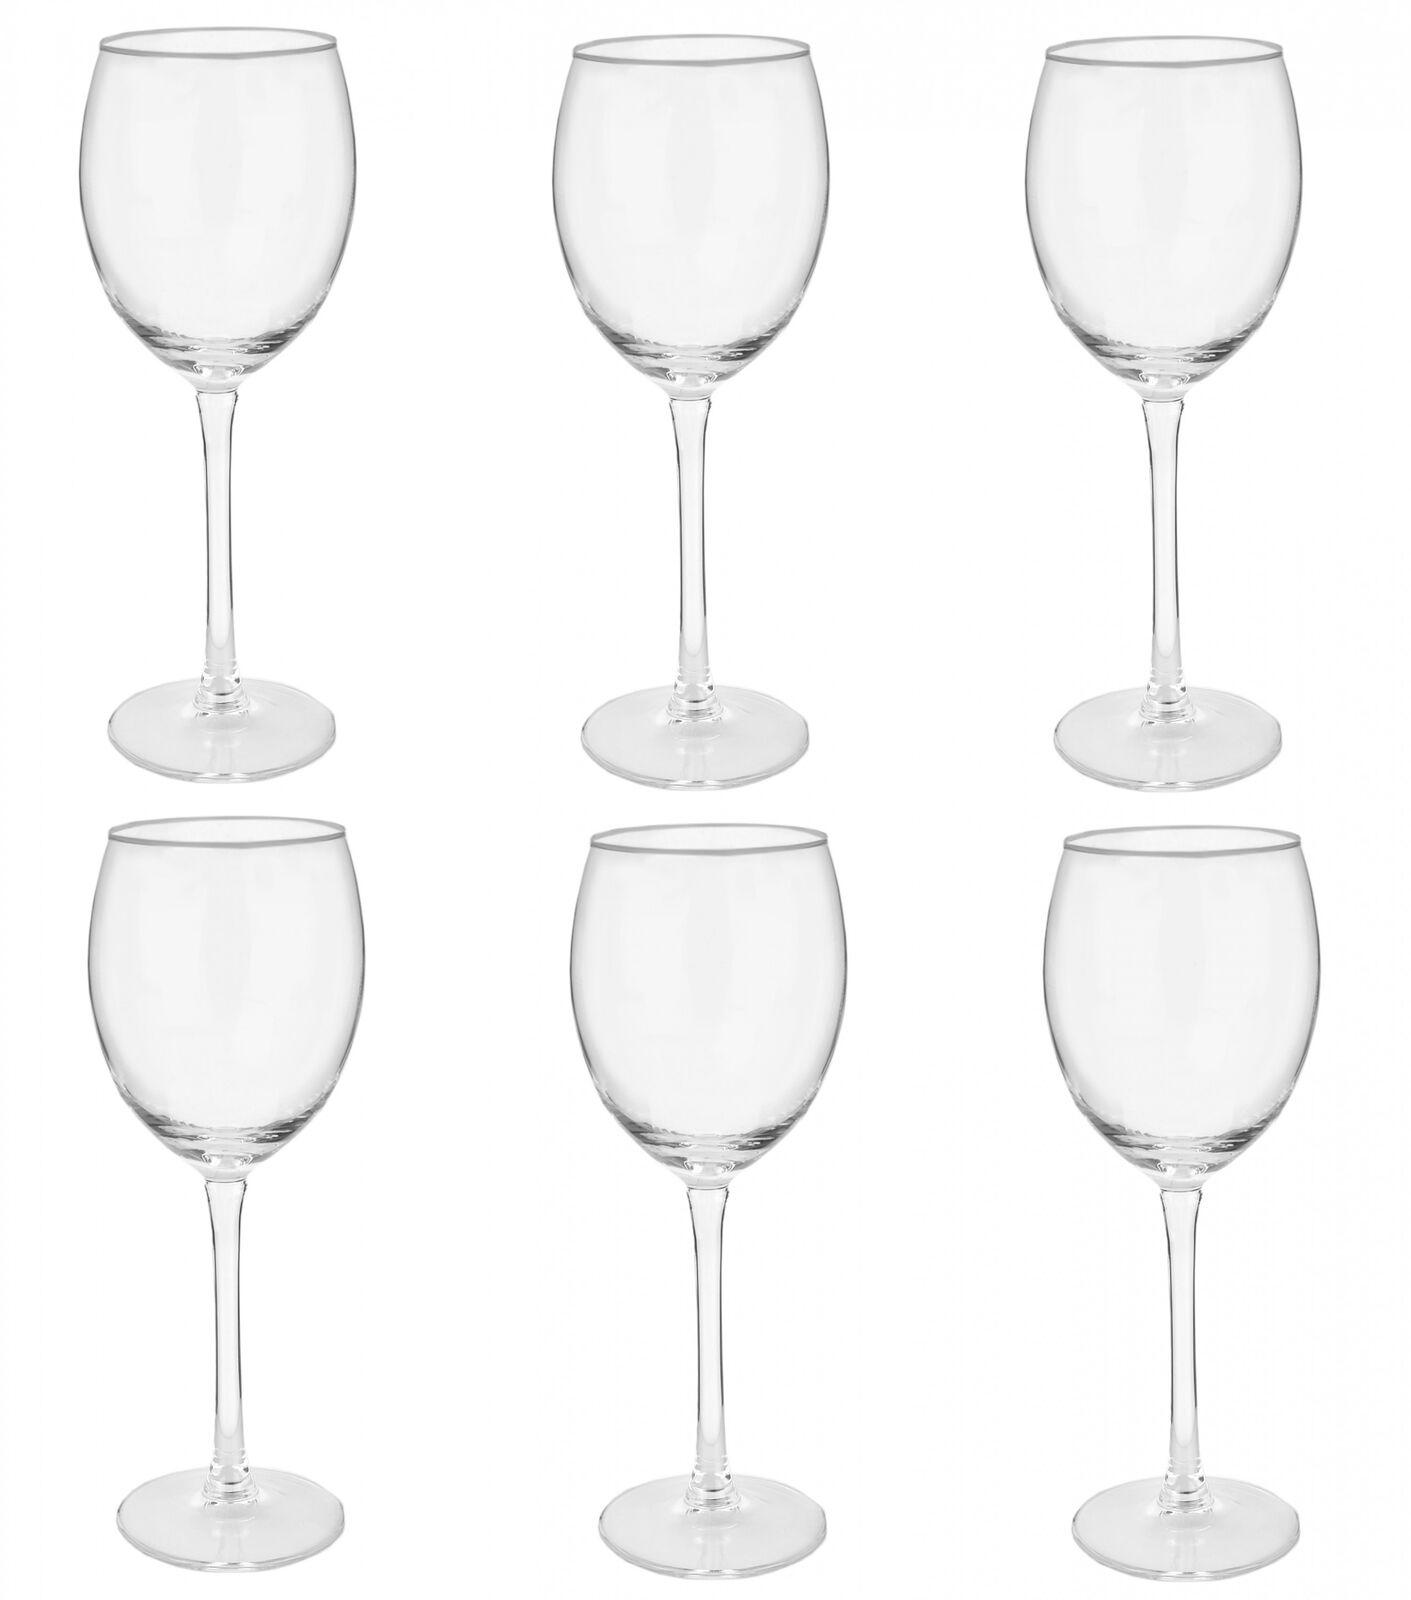 6er Set Weingläser 33cl 330ml Weißweinglas Weinkelch Wein Glas Weißwein Rosé